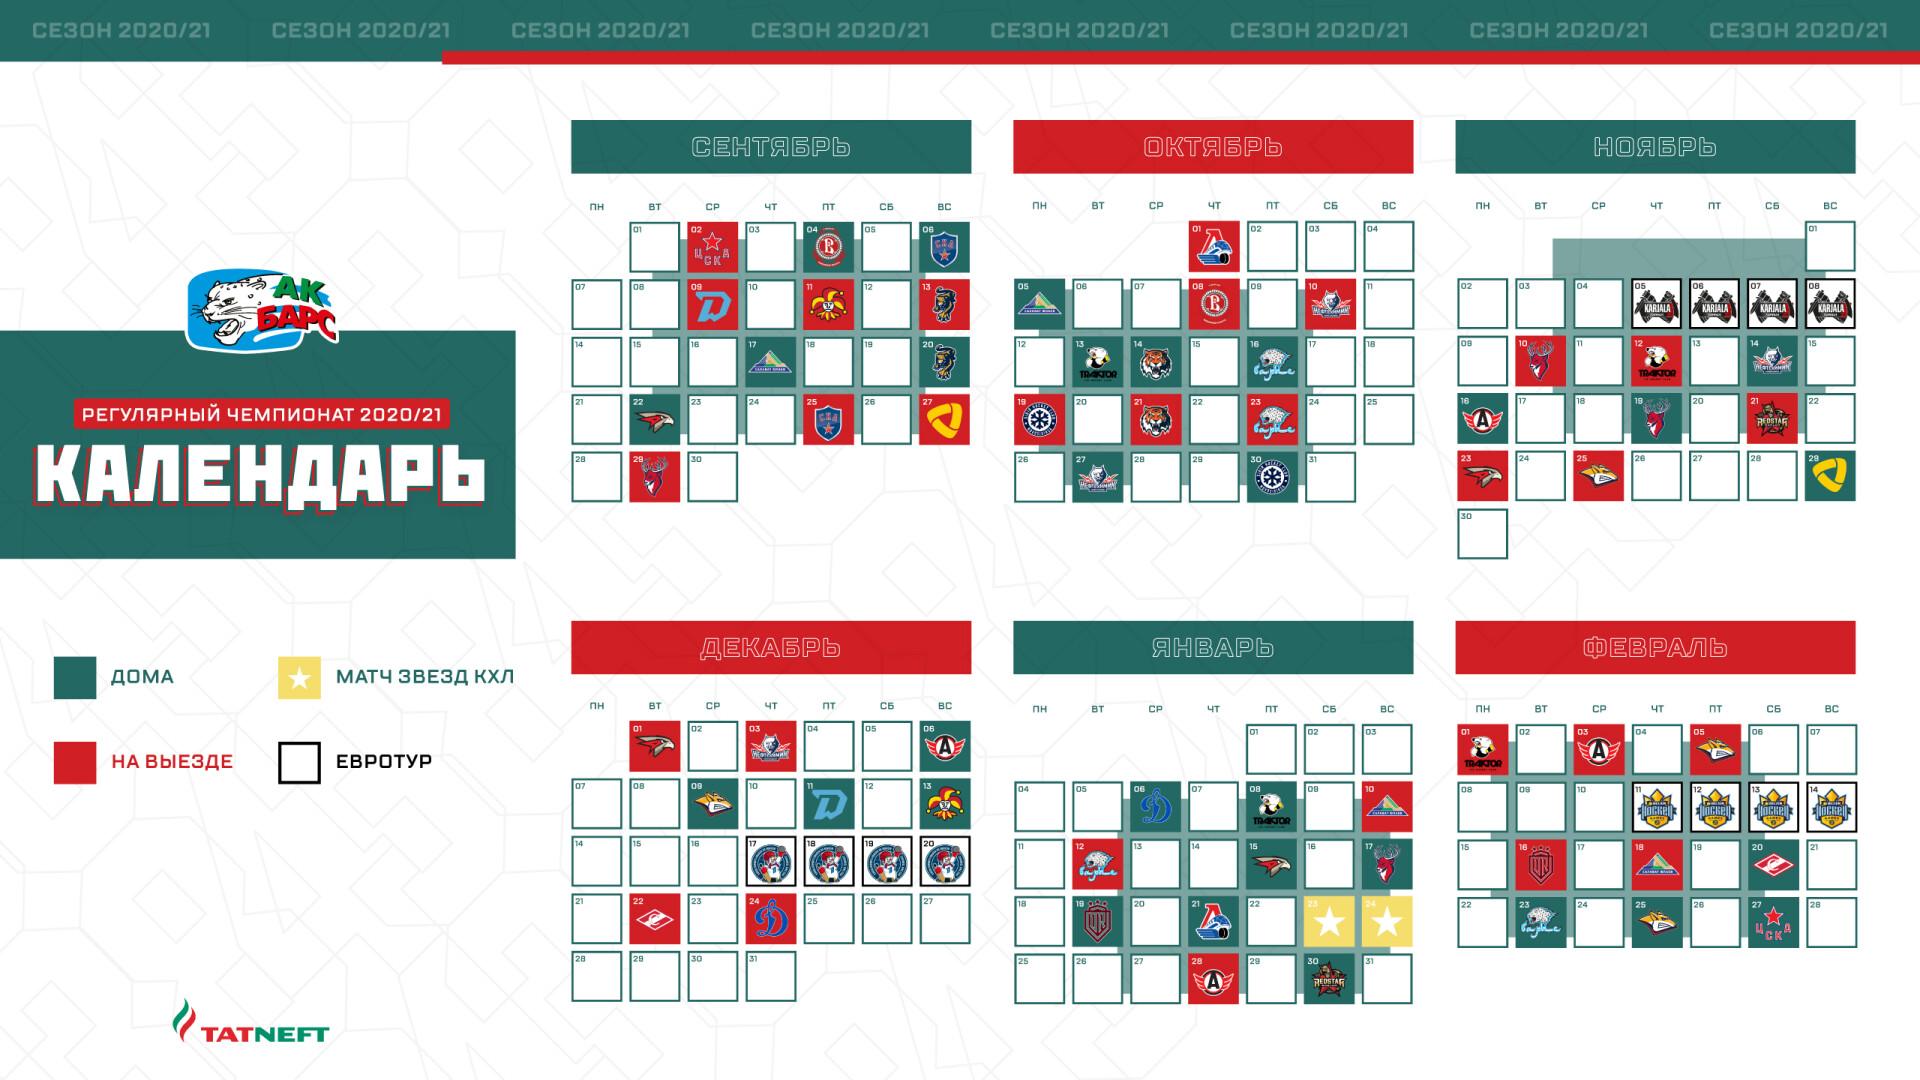 Календарь «Ак Барса» в регулярном чемпионате 2020/21. 07.08.2020